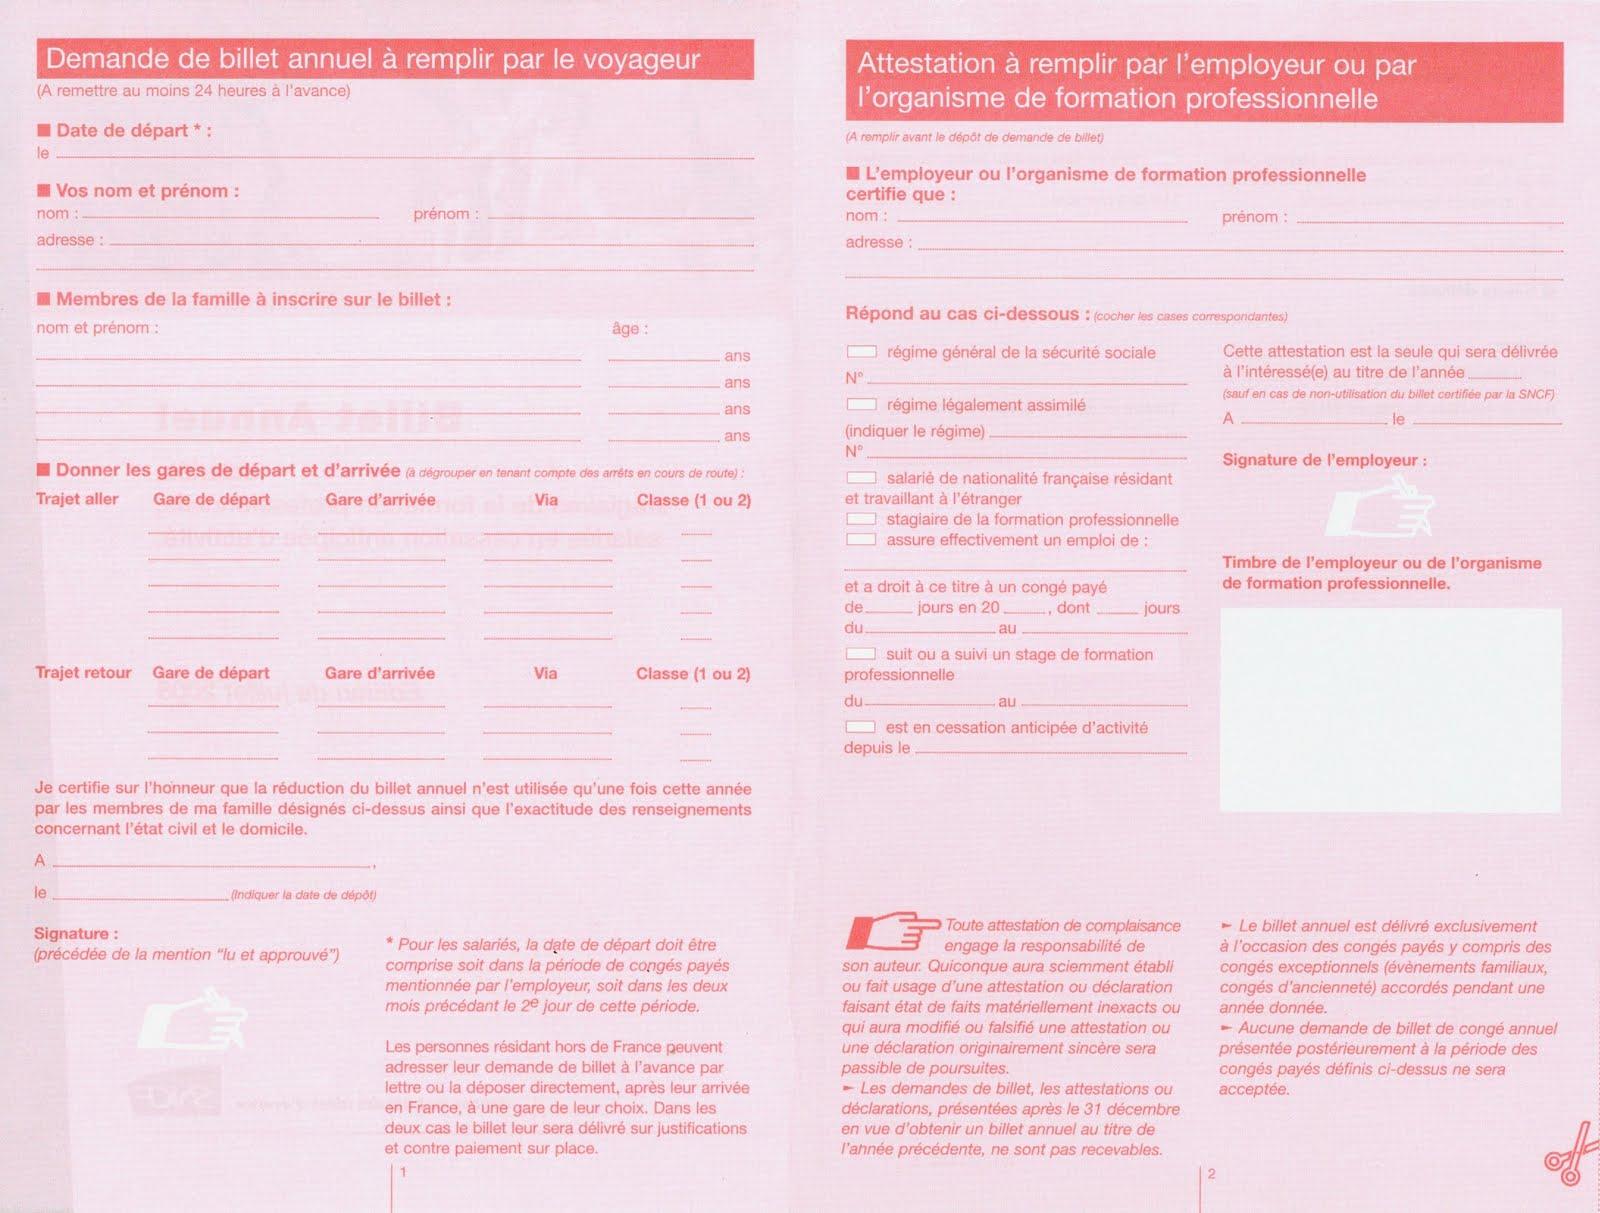 http://1.bp.blogspot.com/_lW_dvKvzLac/TS85W2Ik0oI/AAAAAAAAAhE/HA8AlRqmKxU/s1600/SNCF-Billet-annuel-employeur-02.jpg